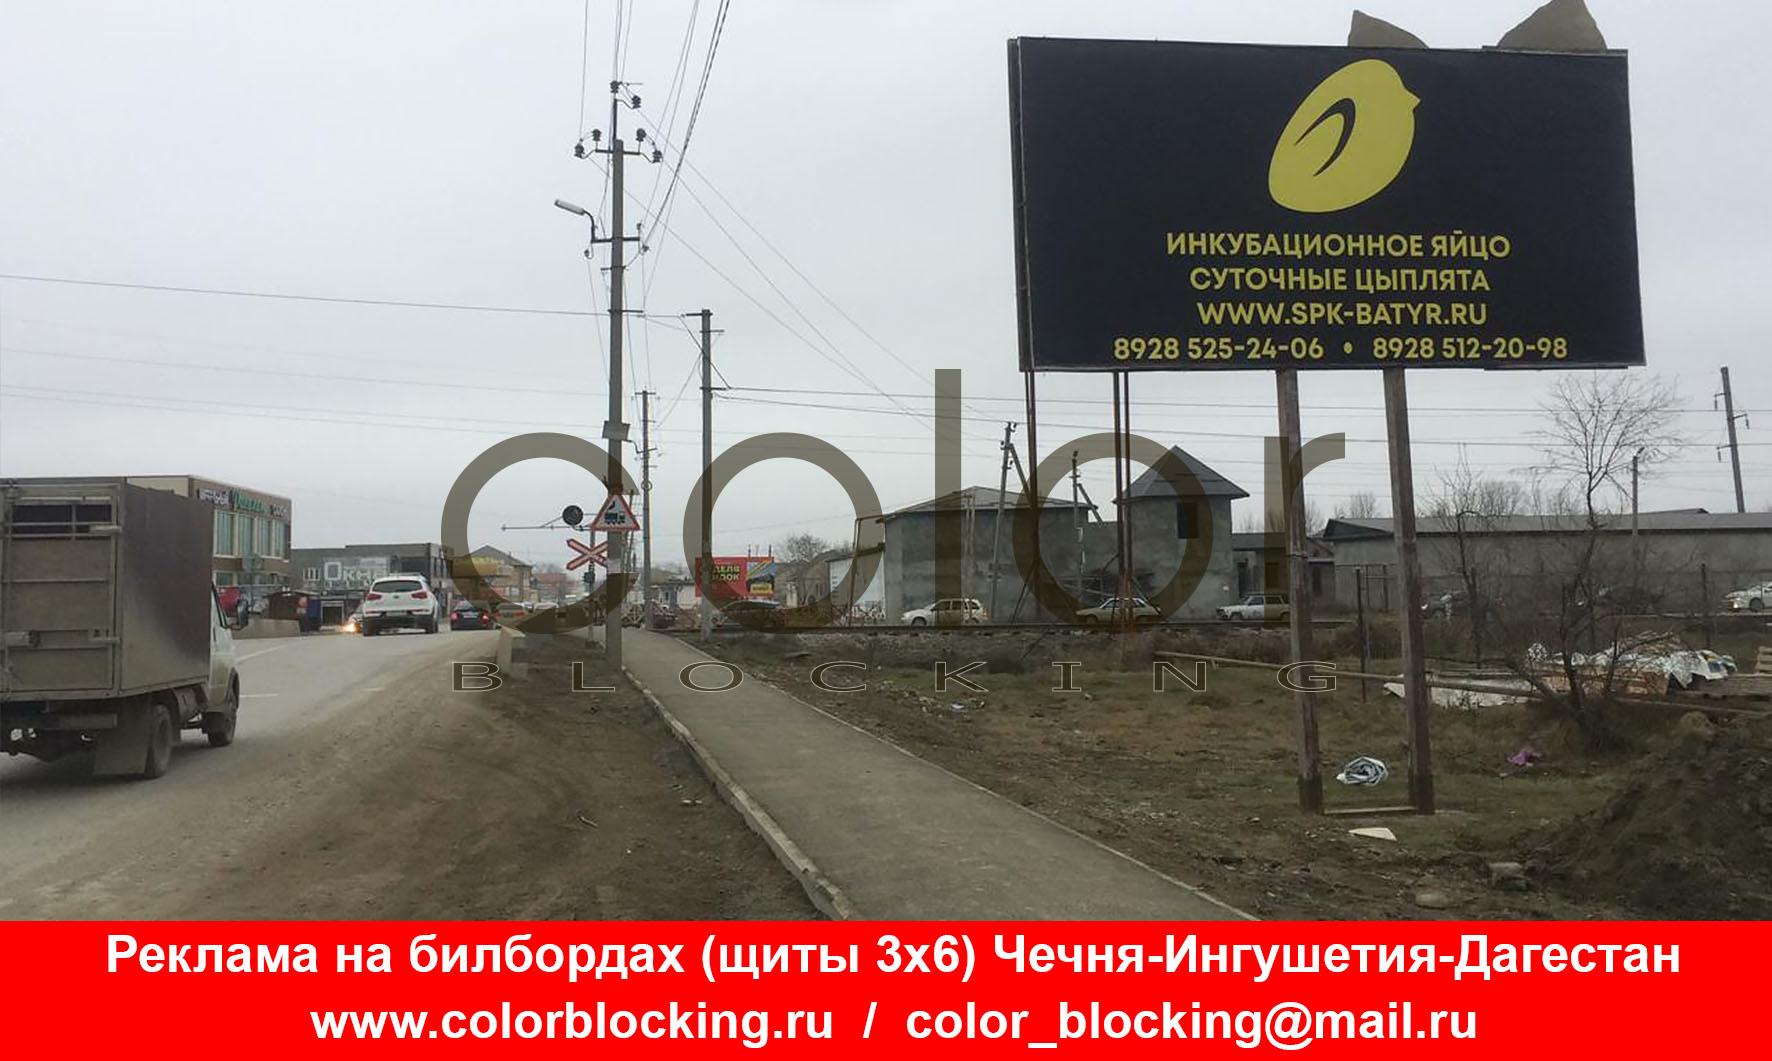 Реклама на билбордах трасса М29 Кизляр